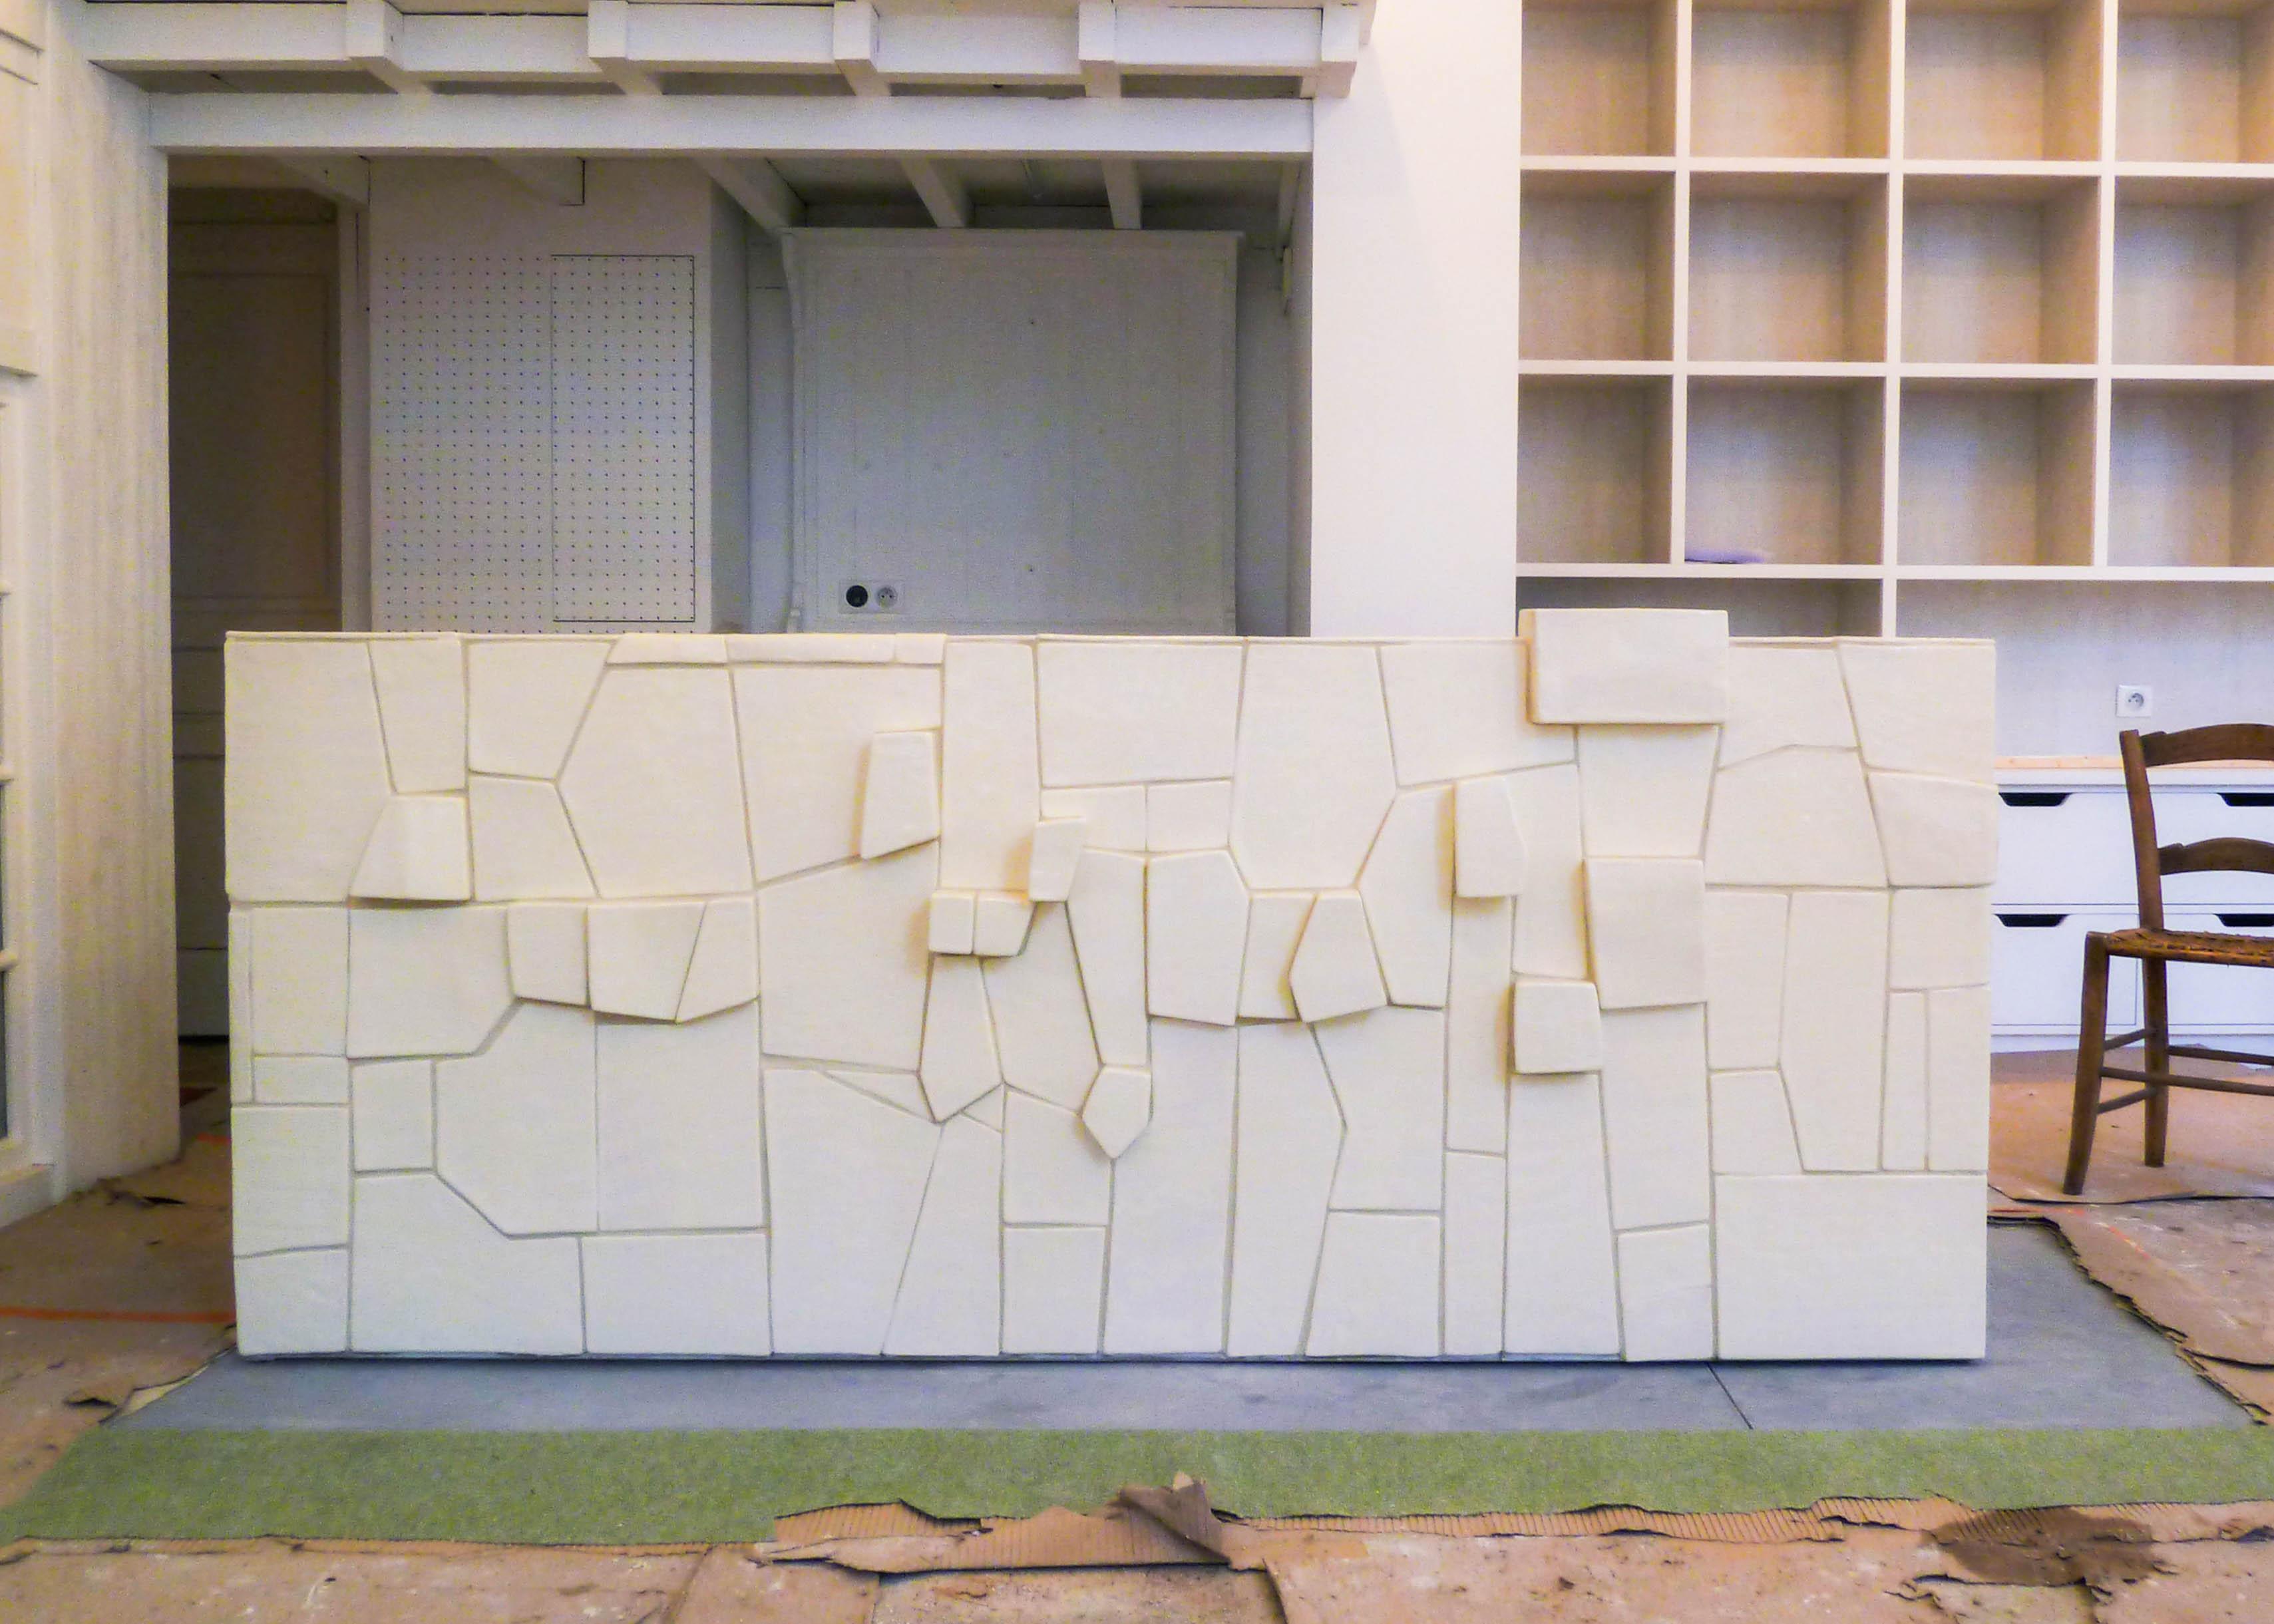 savoir-faire-ceramique-faience-decoration-bol-plat-creatrice-colore-email-terre-local-sabine-orlandini-atelier-banque-de-face-1